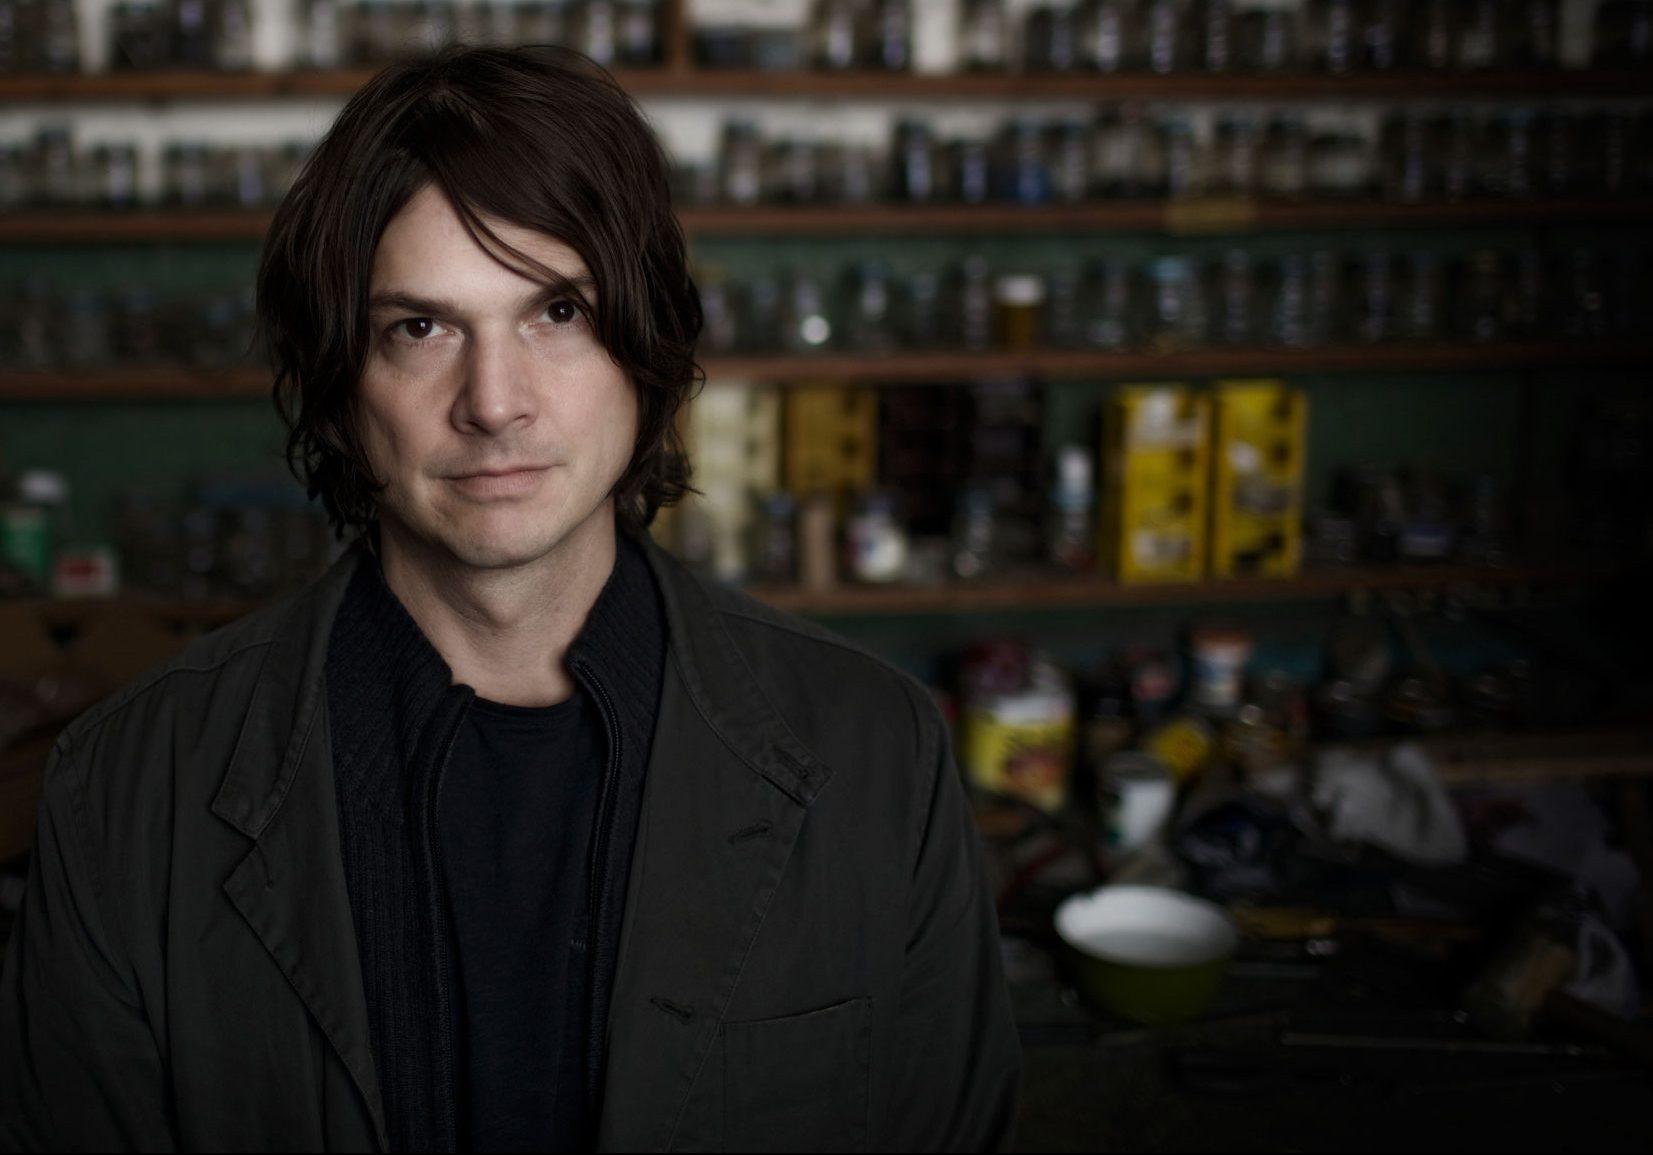 PODCAST EPISODE 001: Glenn Kotche of Wilco